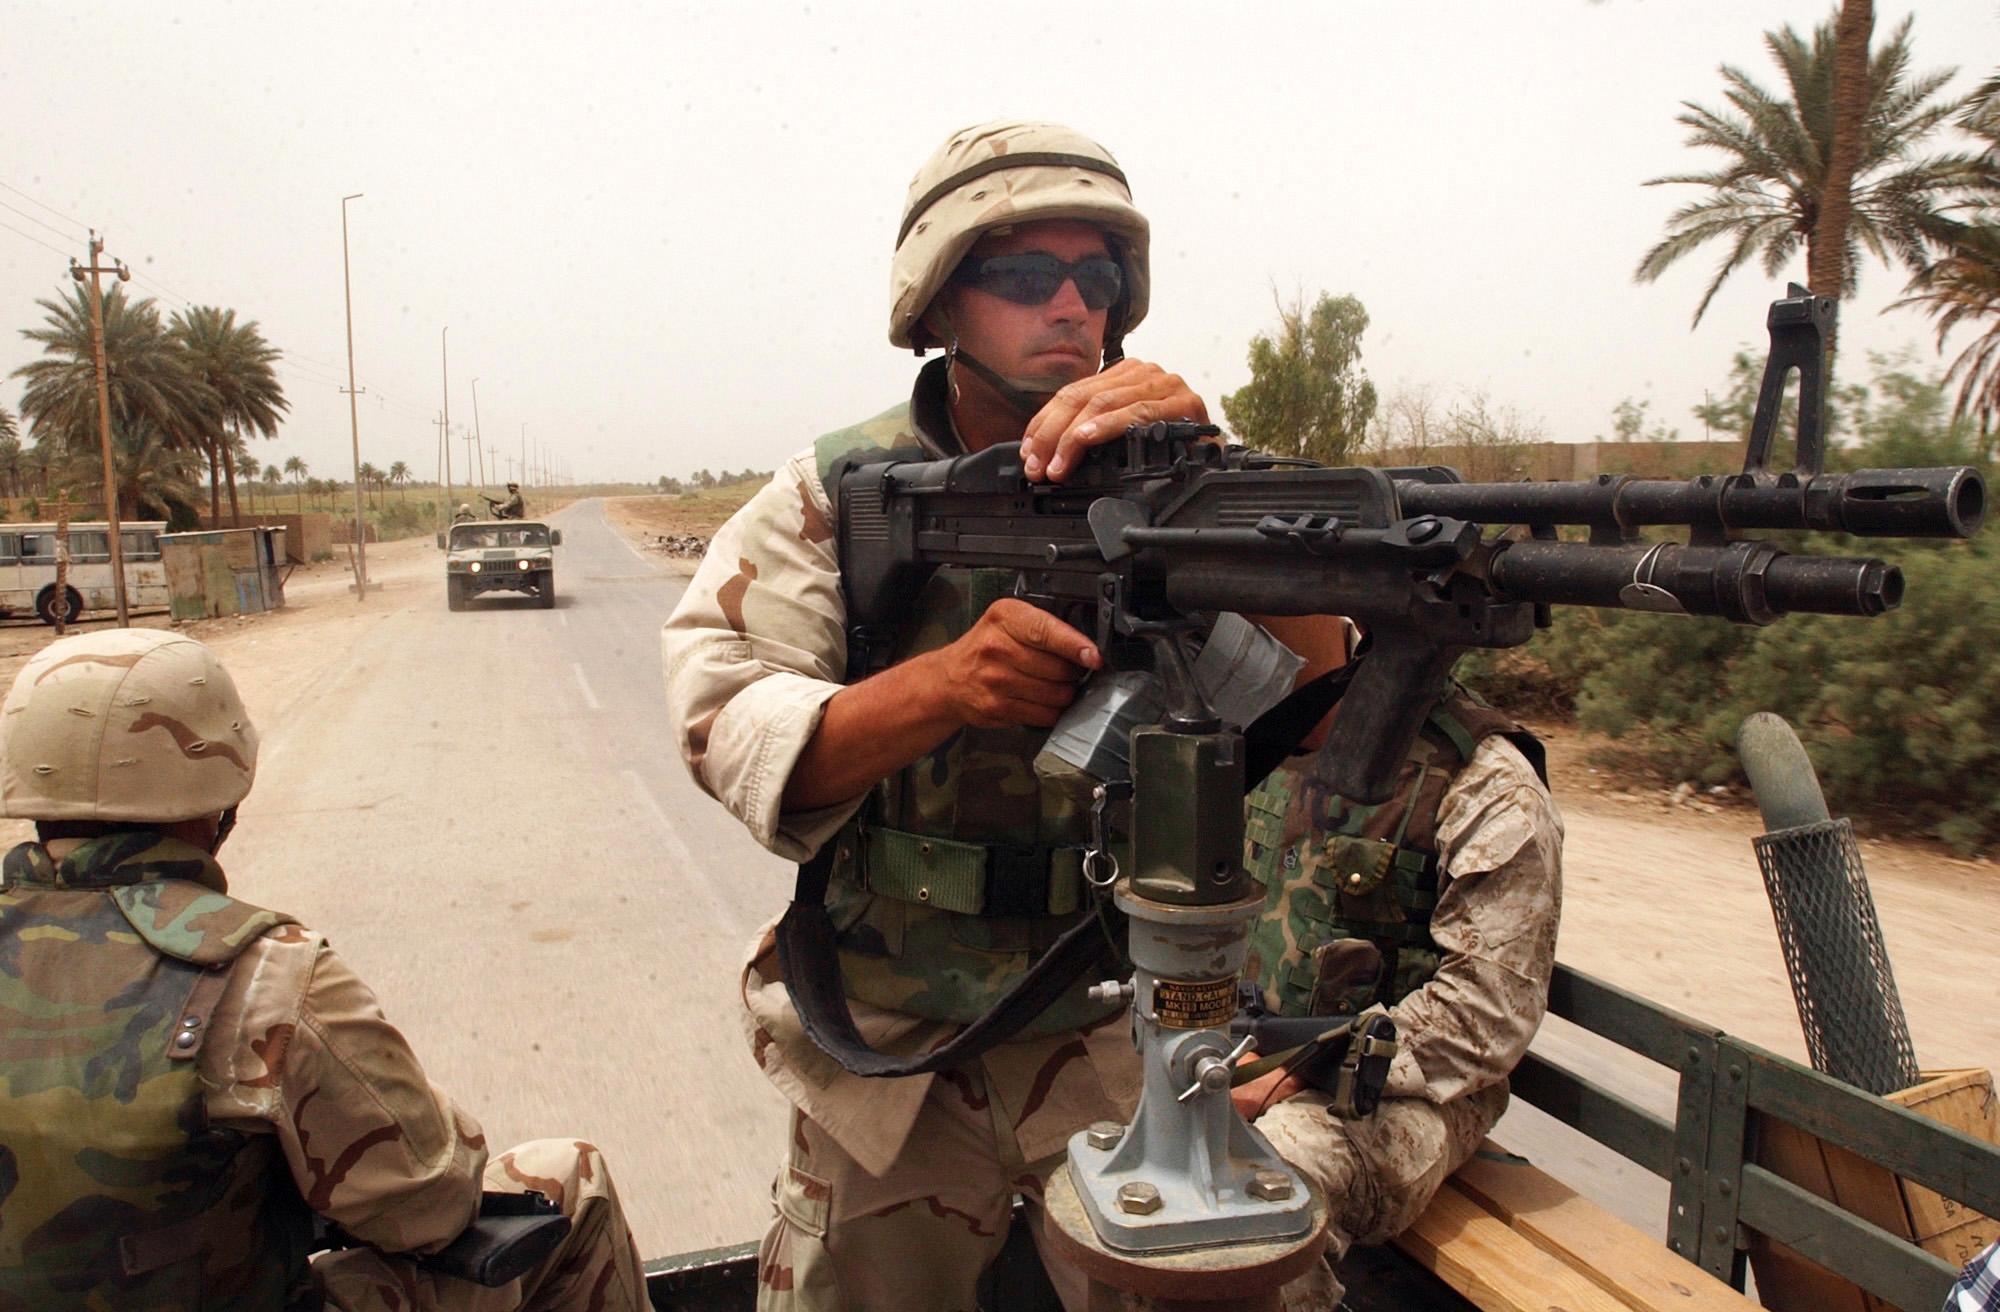 M60 MACHINE GUN military rifle weapon soldier ge wallpaper background 2000x1312